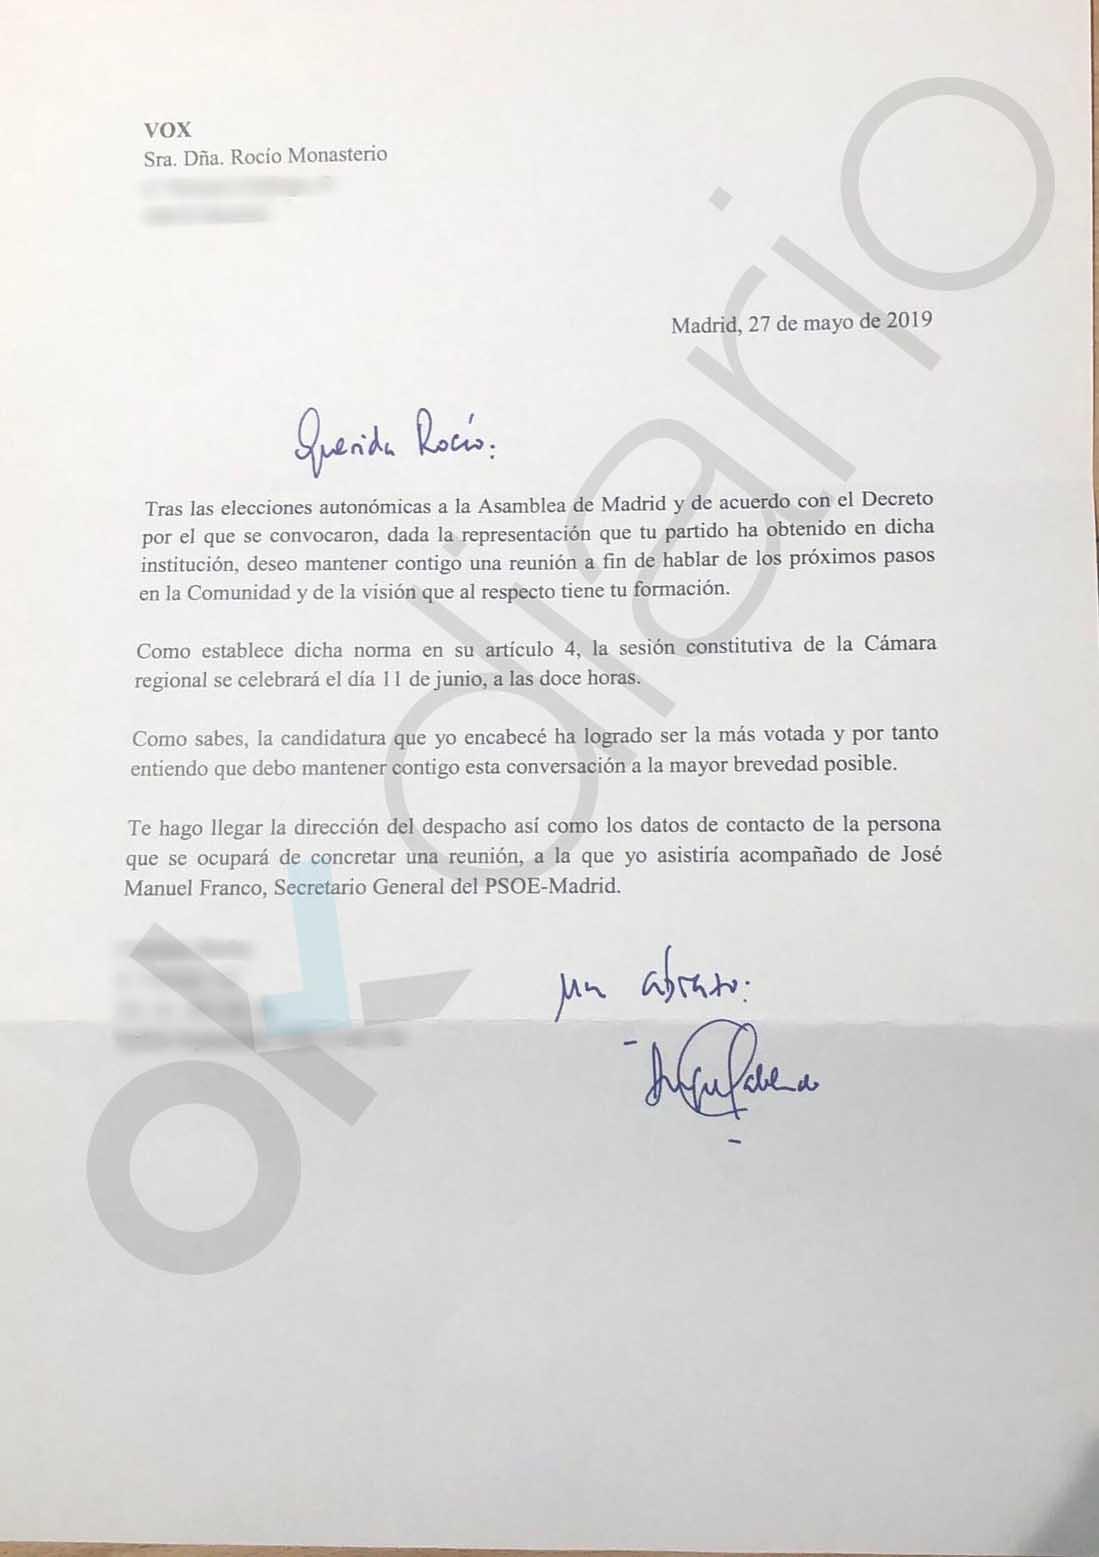 El socialista Gabilondo propone por carta a Monasterio de Vox